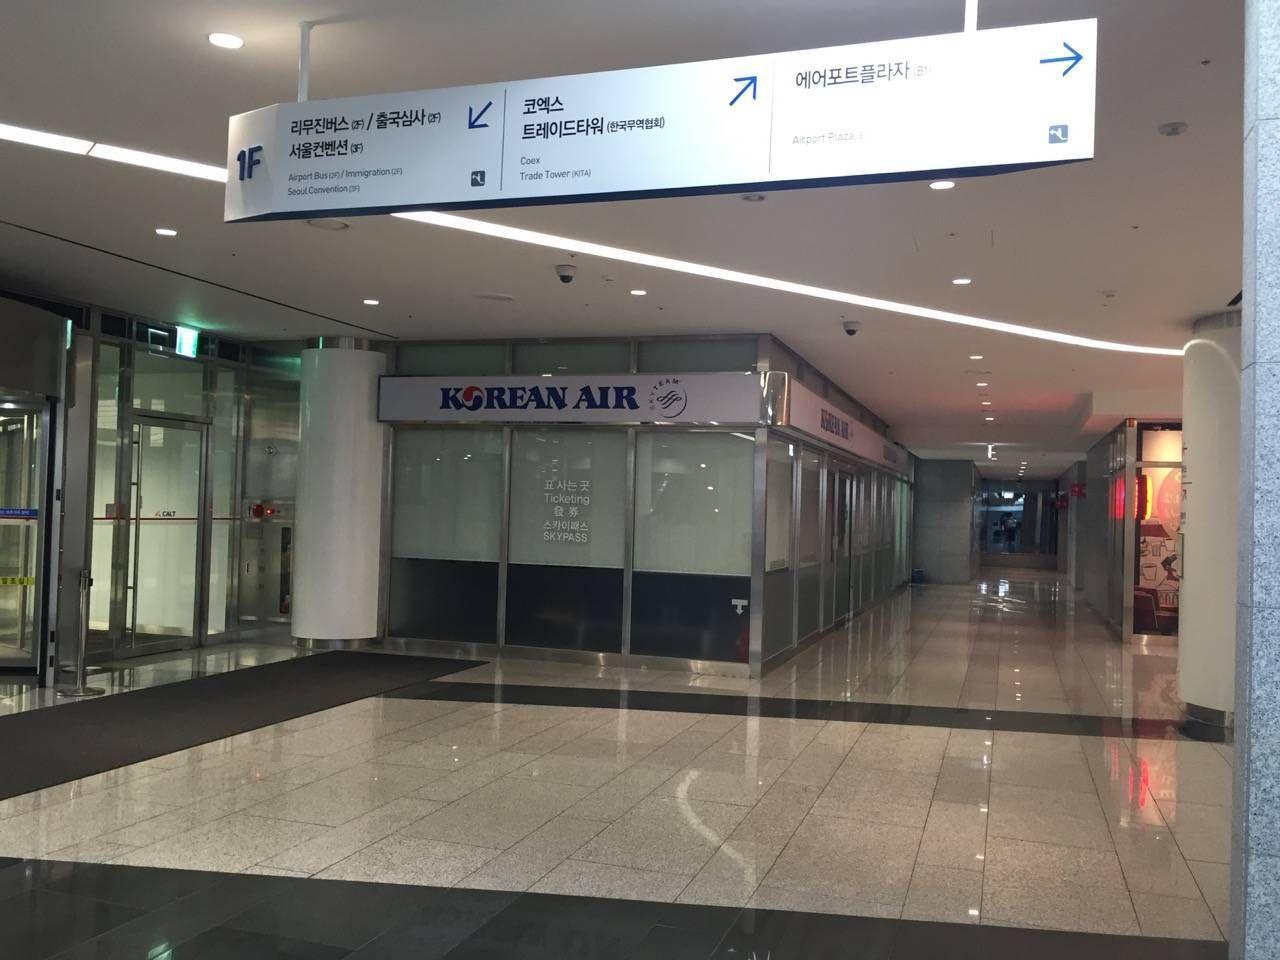 Korean Air First Class Lounge Seoul ICN-01